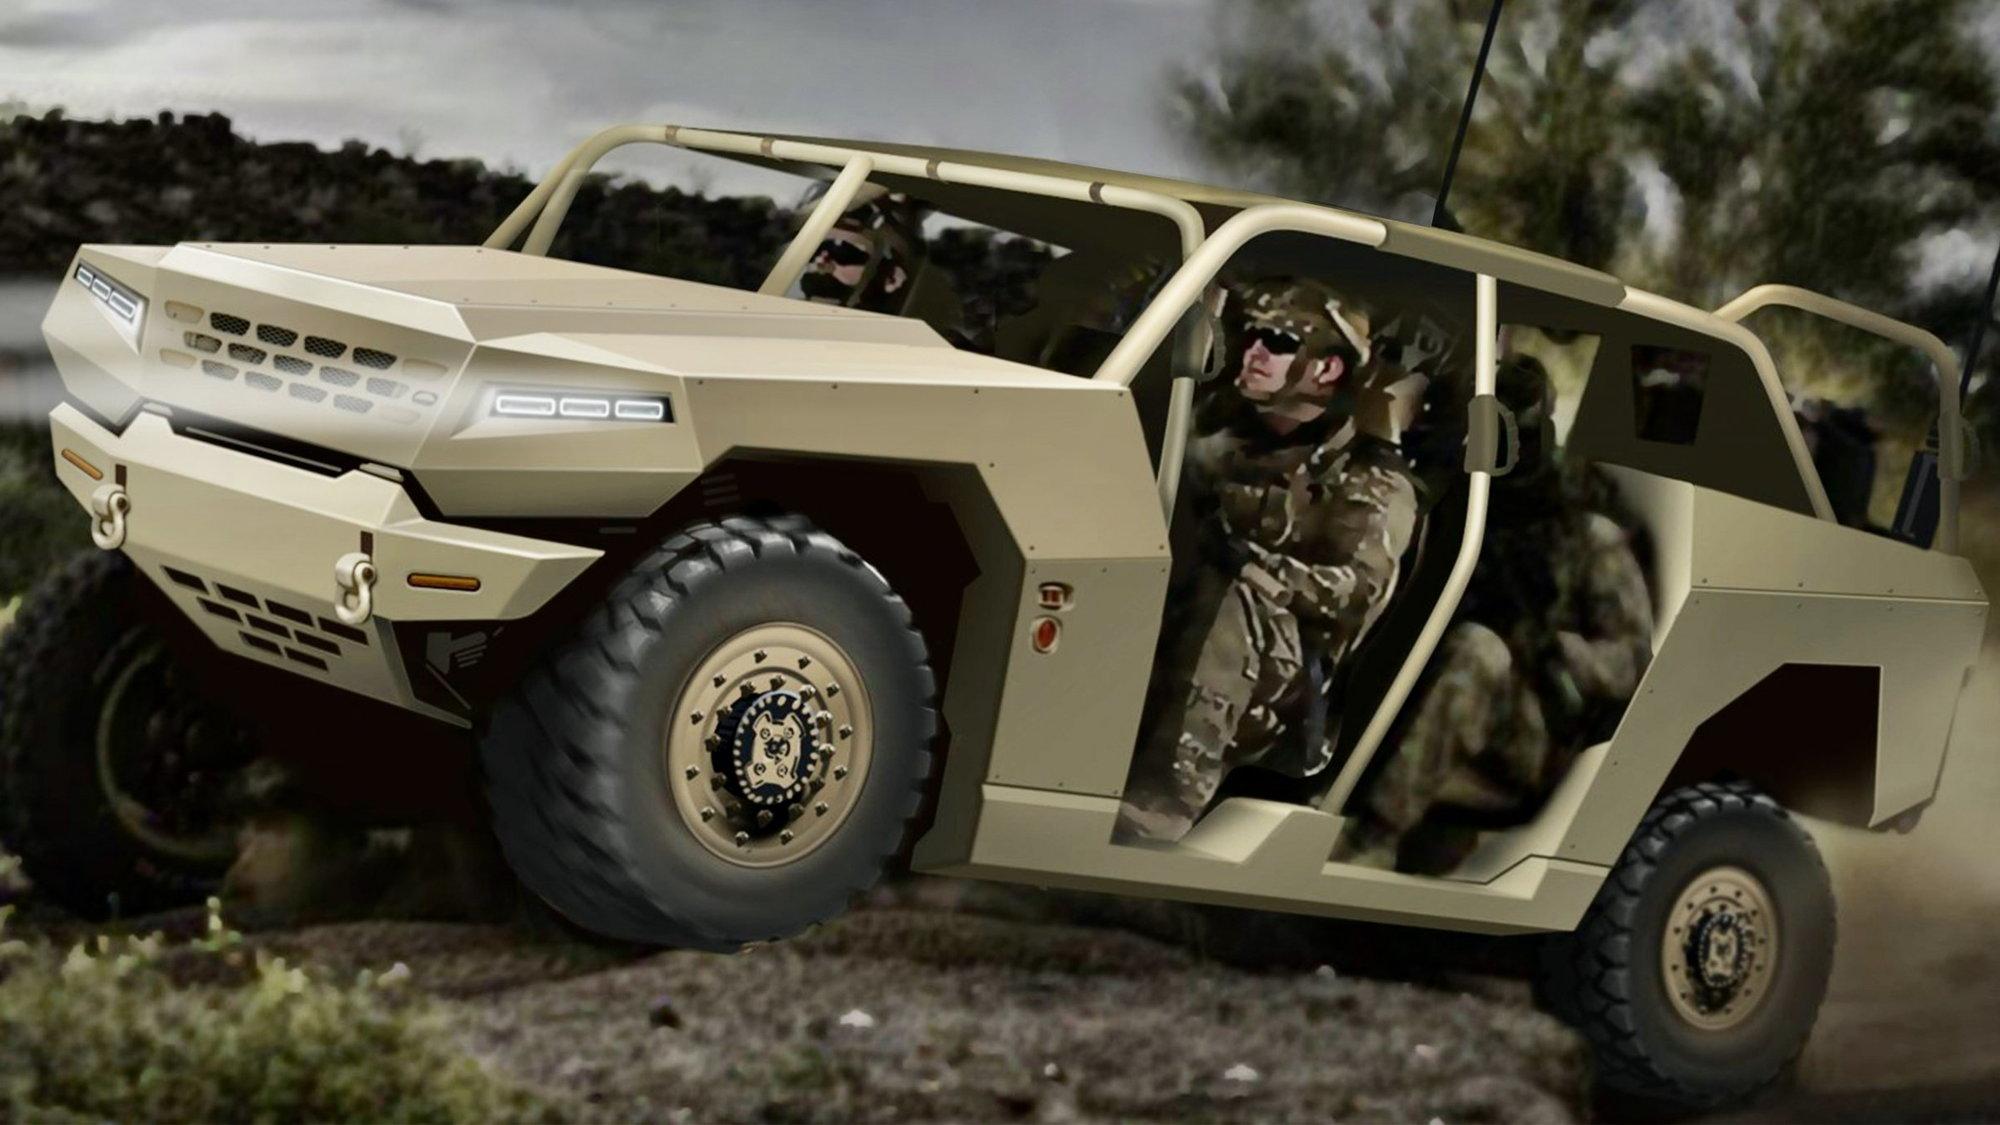 Kia's new military vehicle